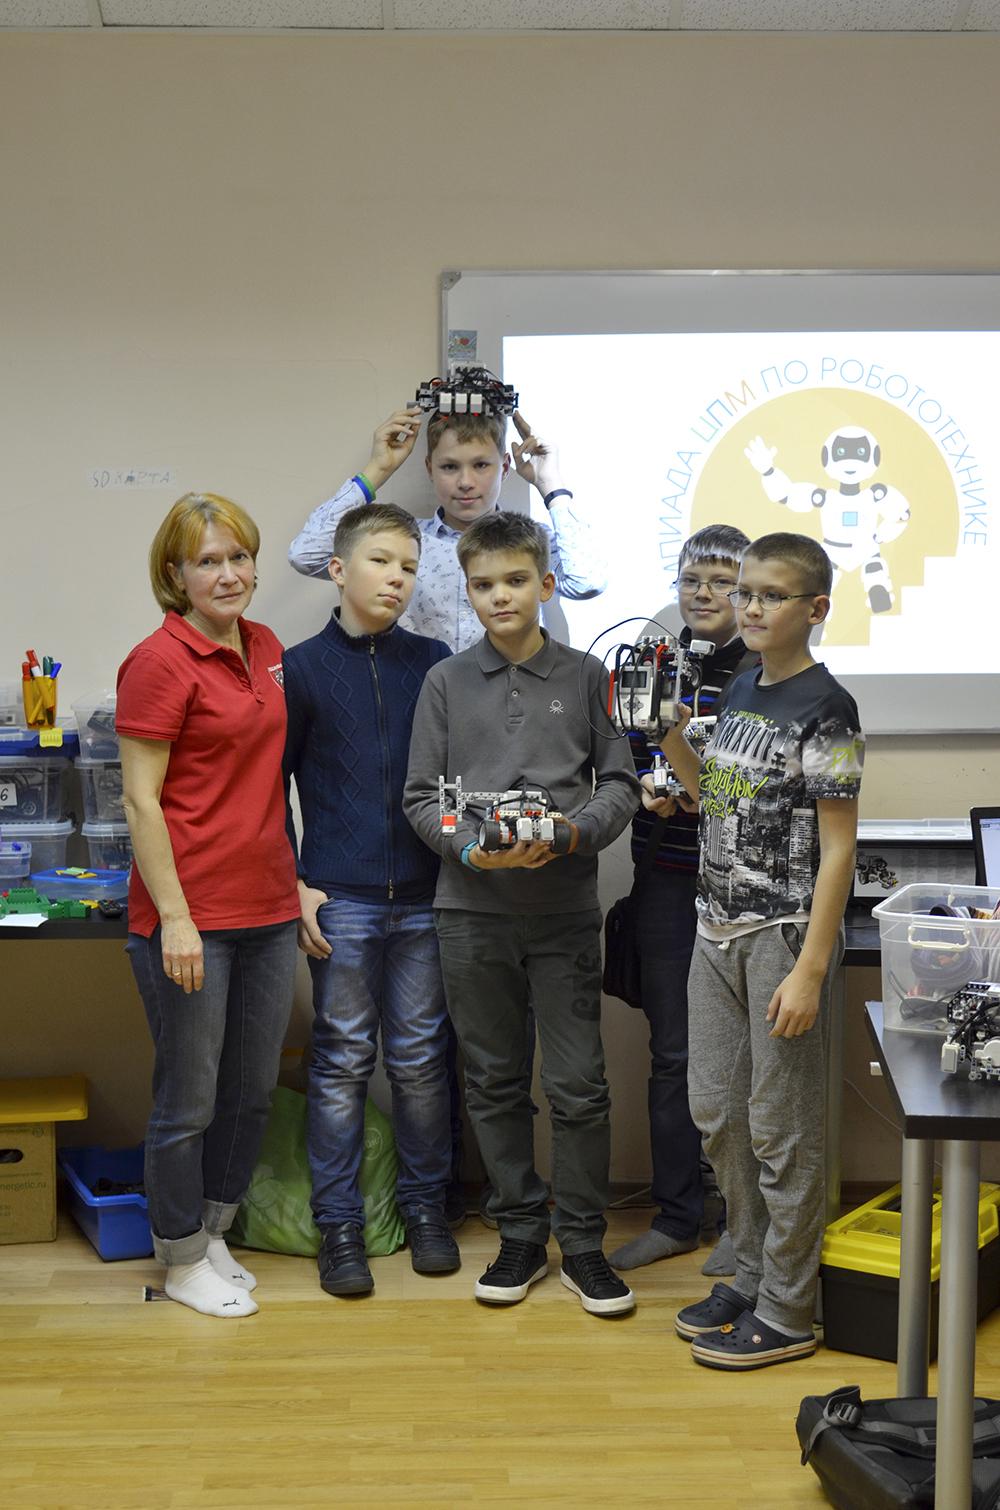 Олимпиада ЦПМ по робототехнике в Робоцентре Полигон. Первые состязания